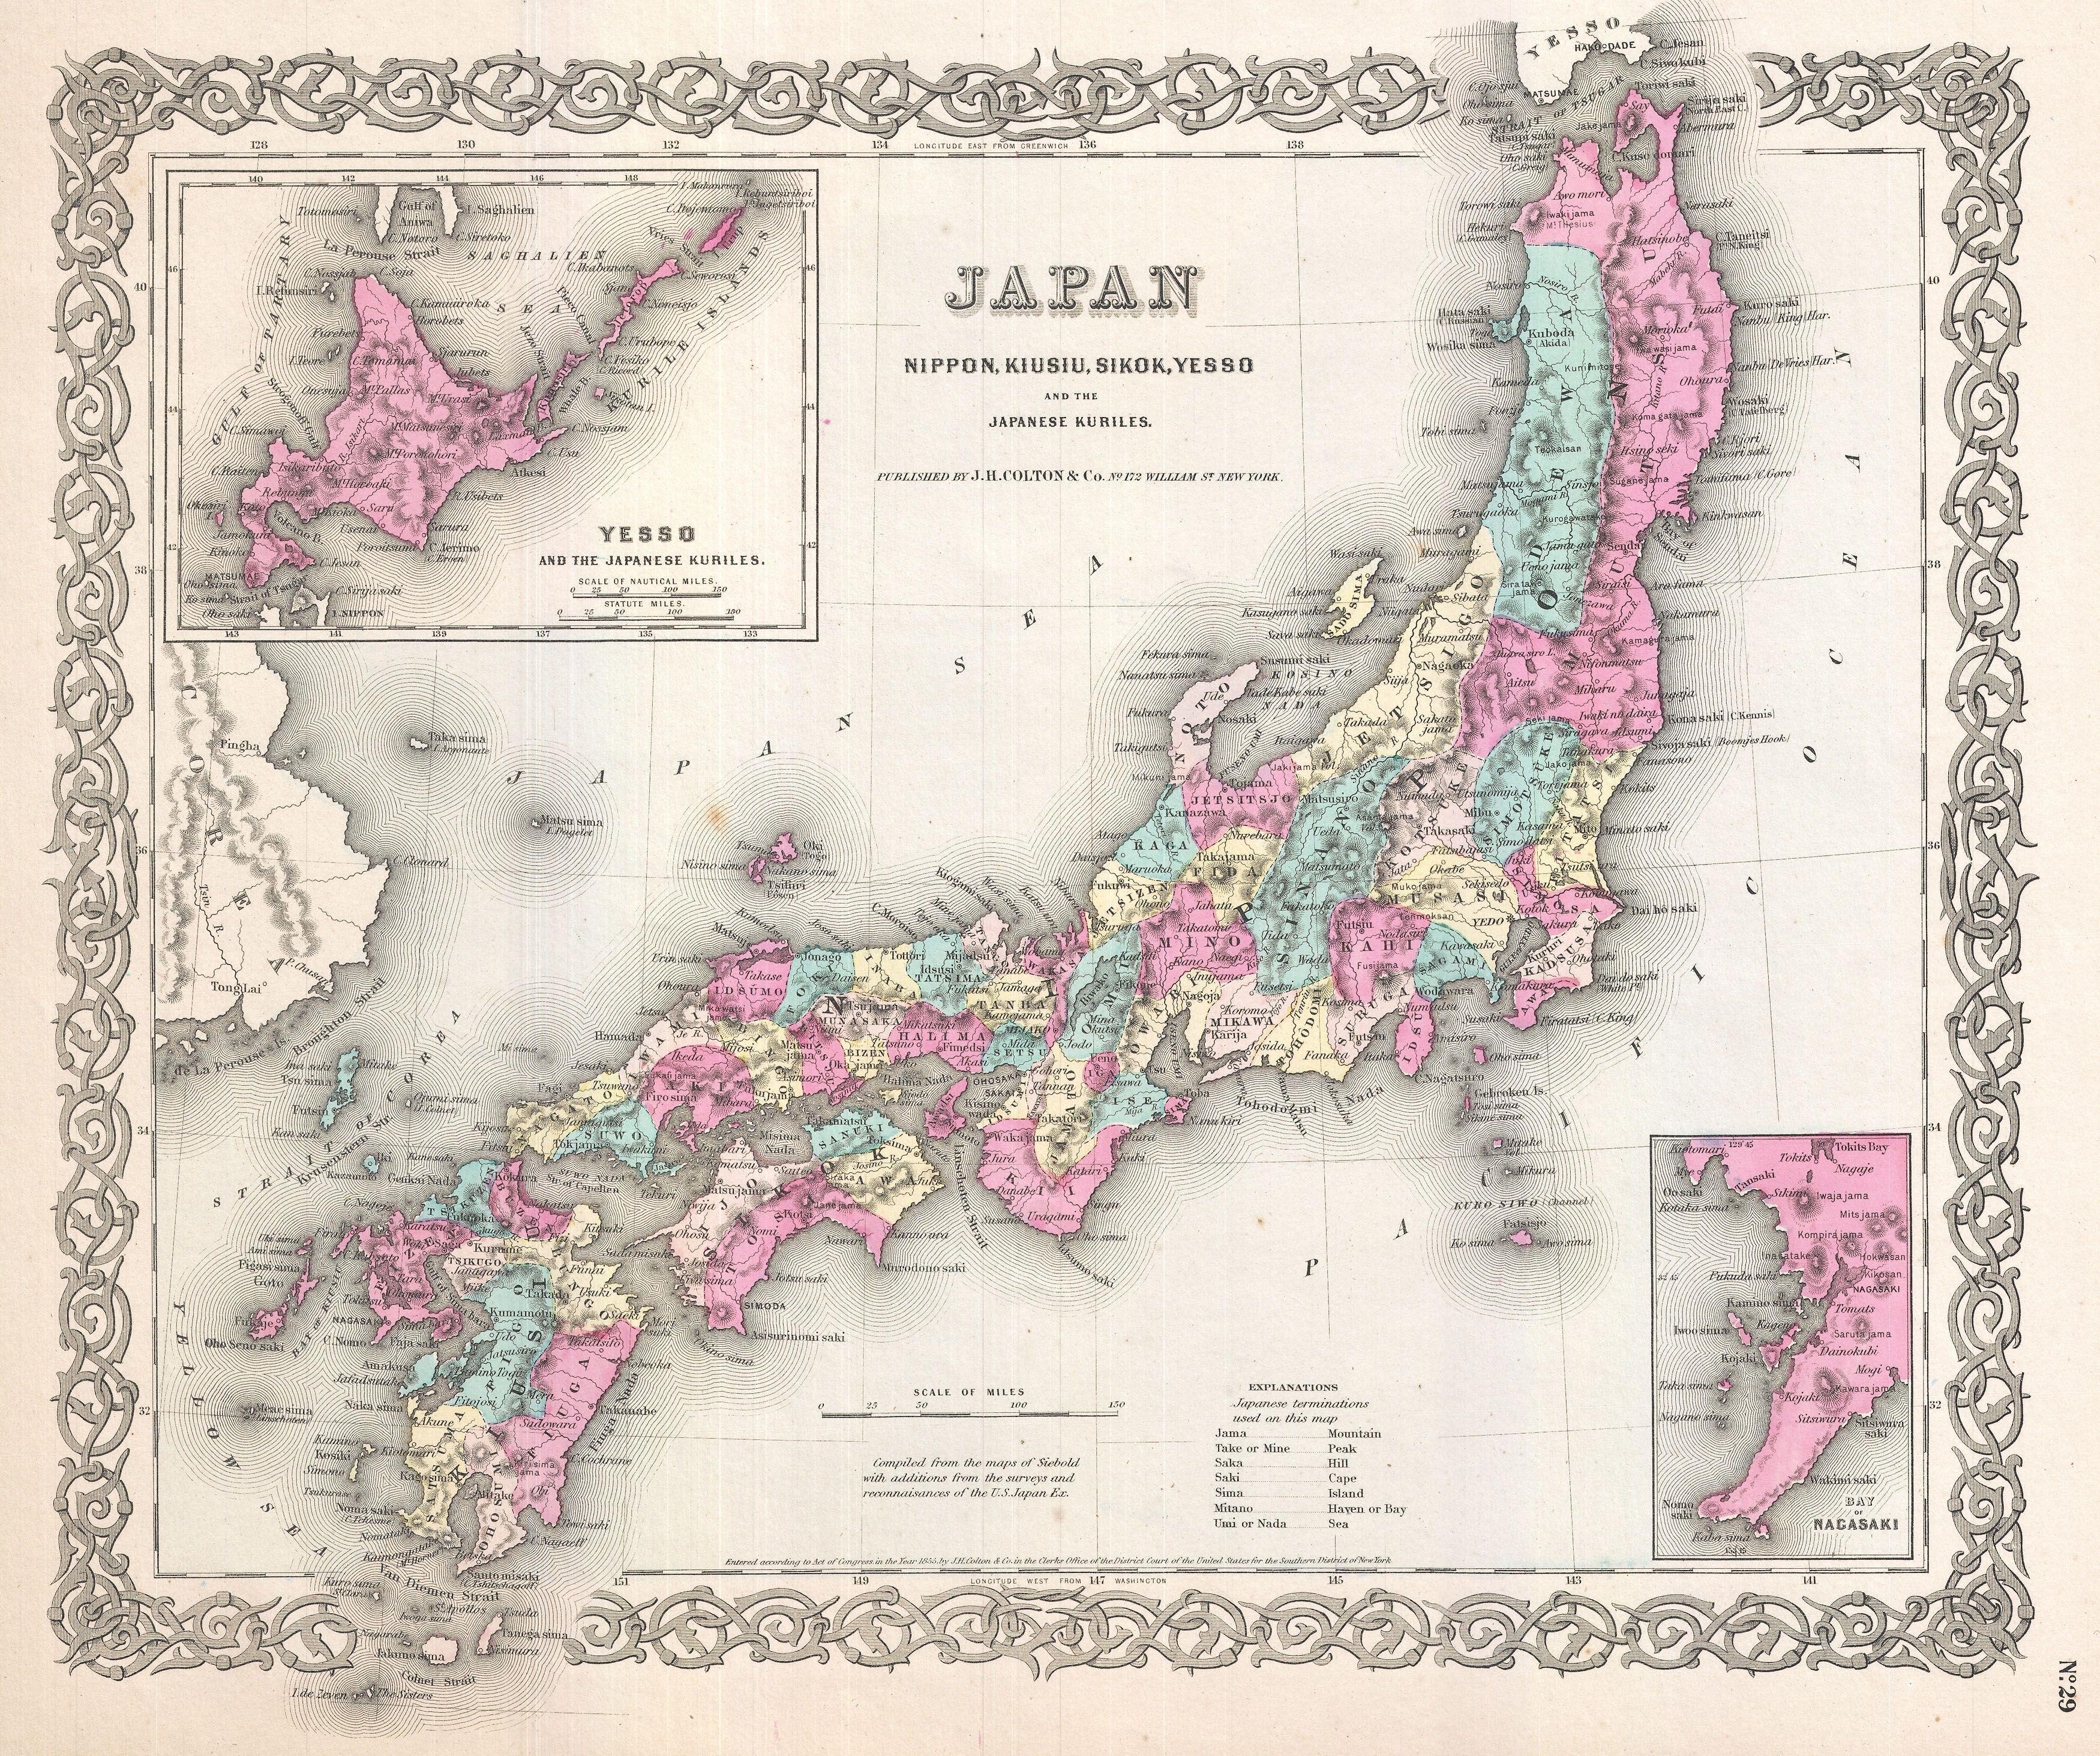 江戸時代末期の日本地図(1855年、アメリカ合衆国発行)